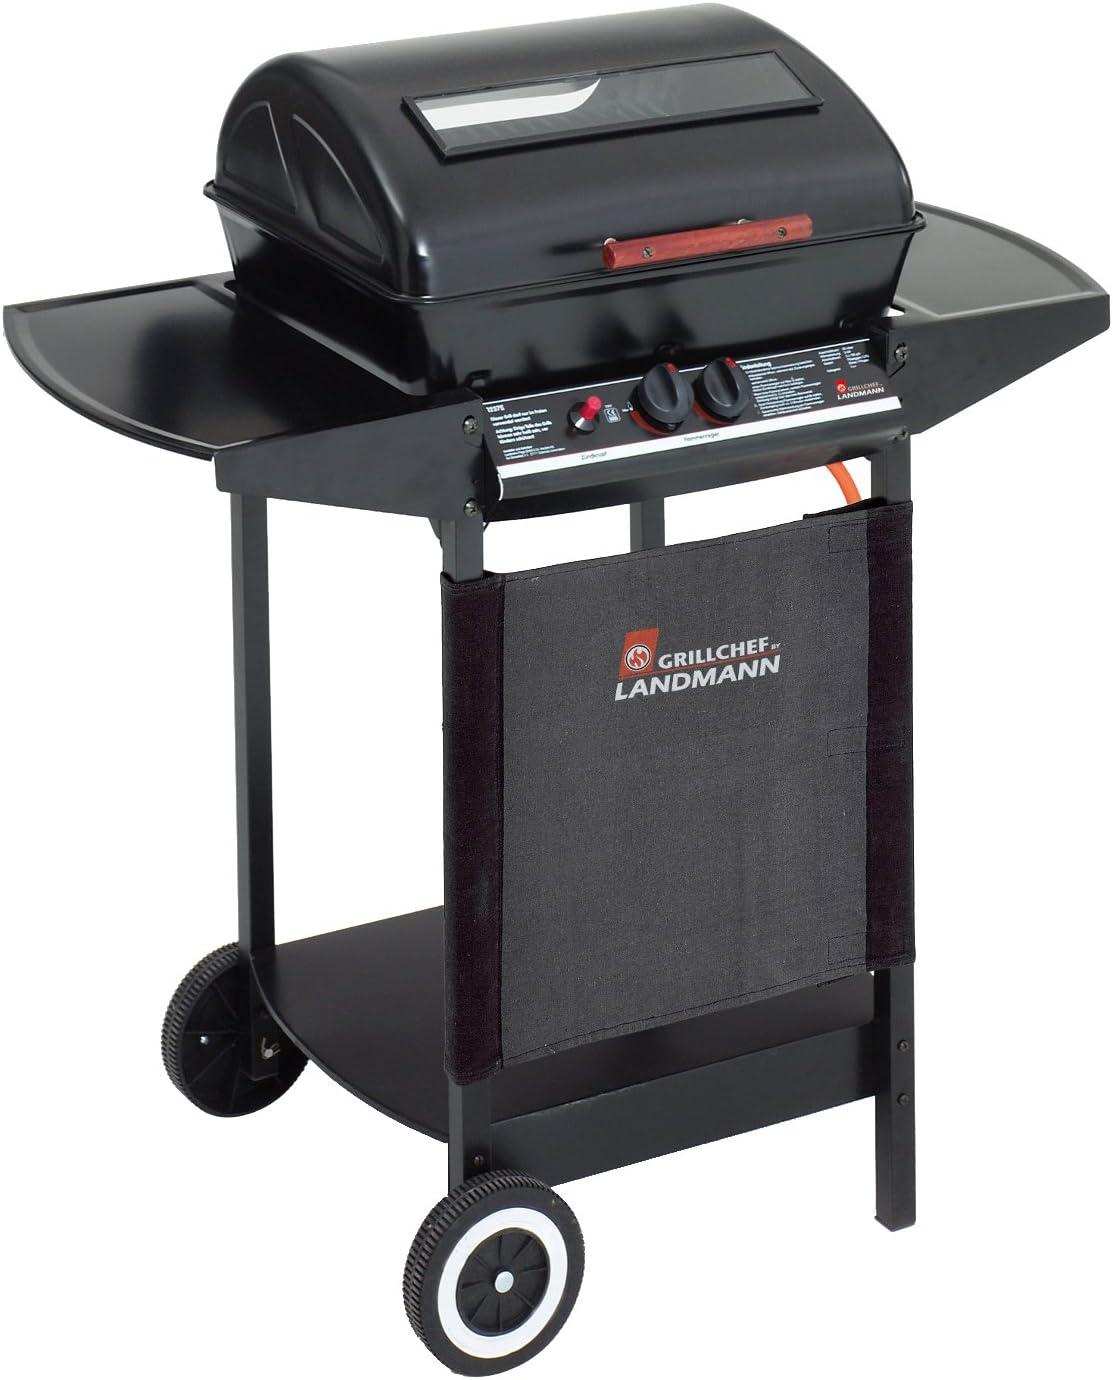 Notre test du barbecue Grillchef 12375 de Landmann